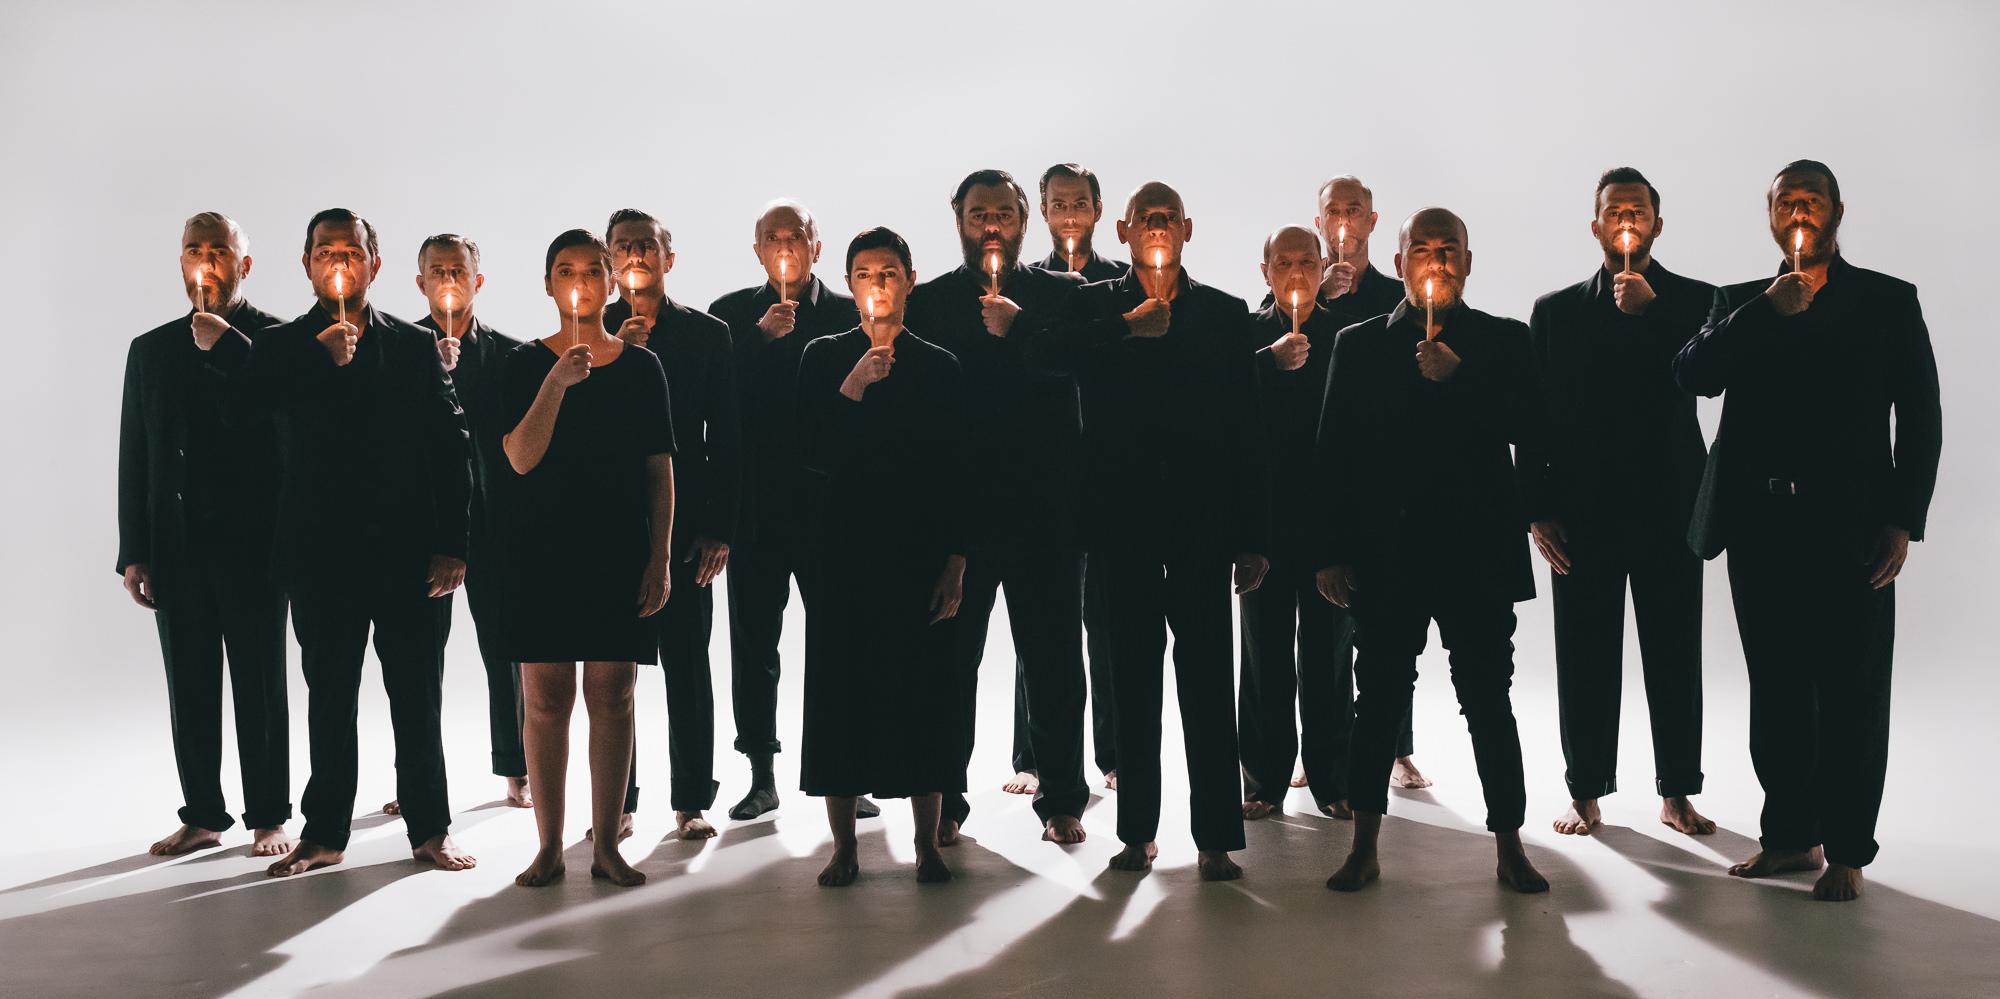 «Ορέστεια», Εθνικό Θέατρο, στο 62ο Φεστιβάλ Φιλίππων | κριτική παράστασης